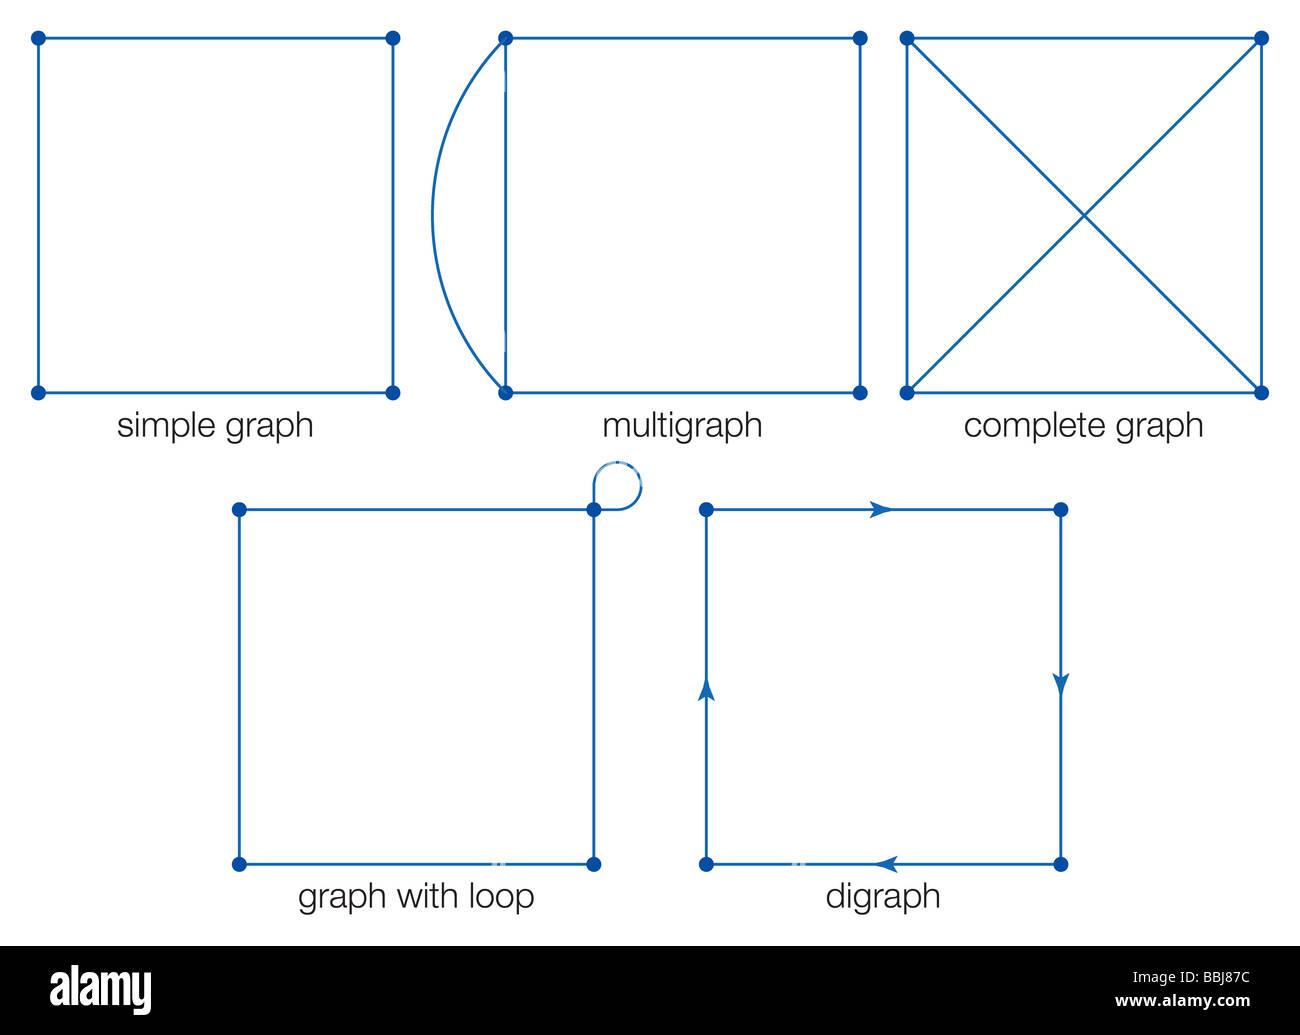 Grundtypen von Graphen: einfaches Diagramm, multigraph, vollständige ...